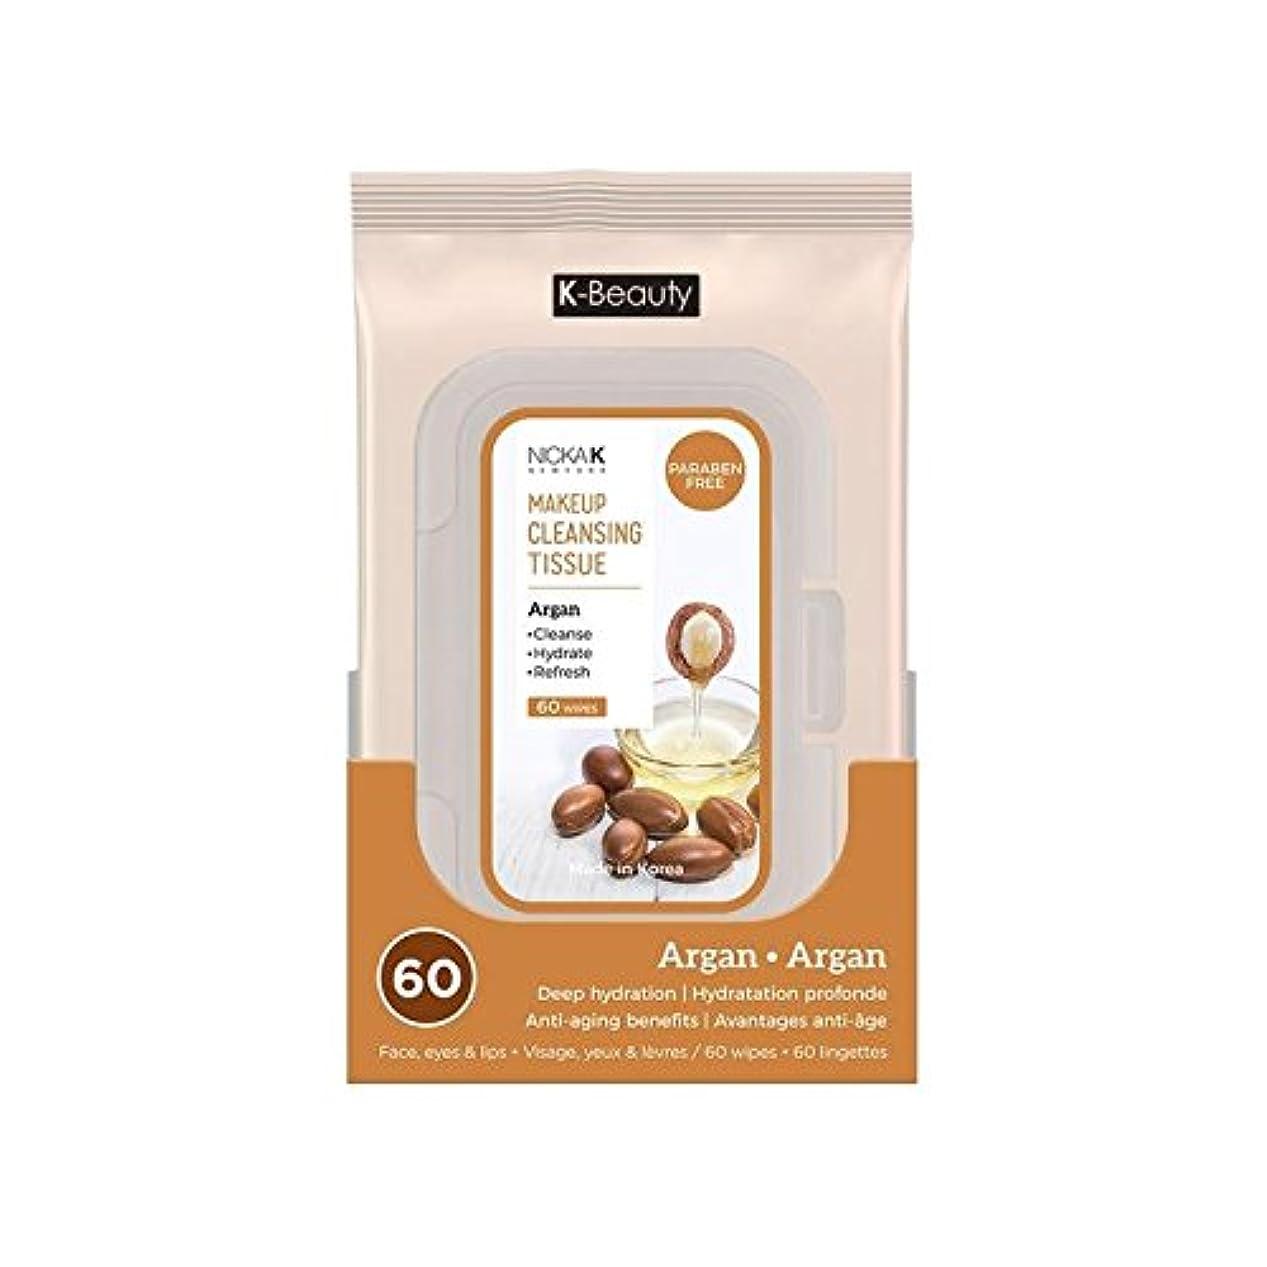 キャッチフォーマル助言する(6 Pack) NICKA K Make Up Cleansing Tissue - Argan (並行輸入品)